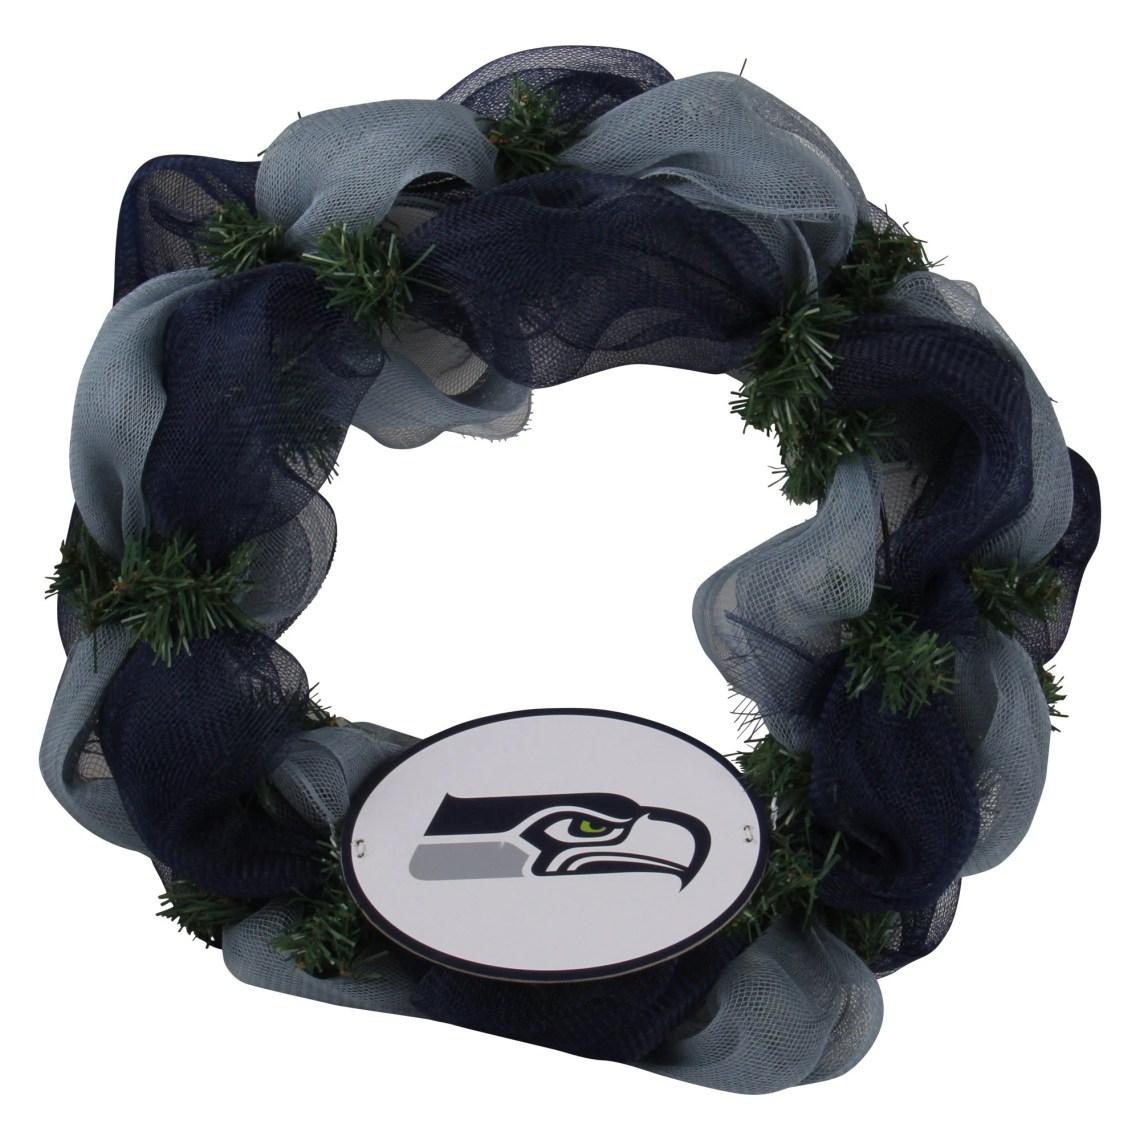 Seattle Seahawks Mesh Wreath